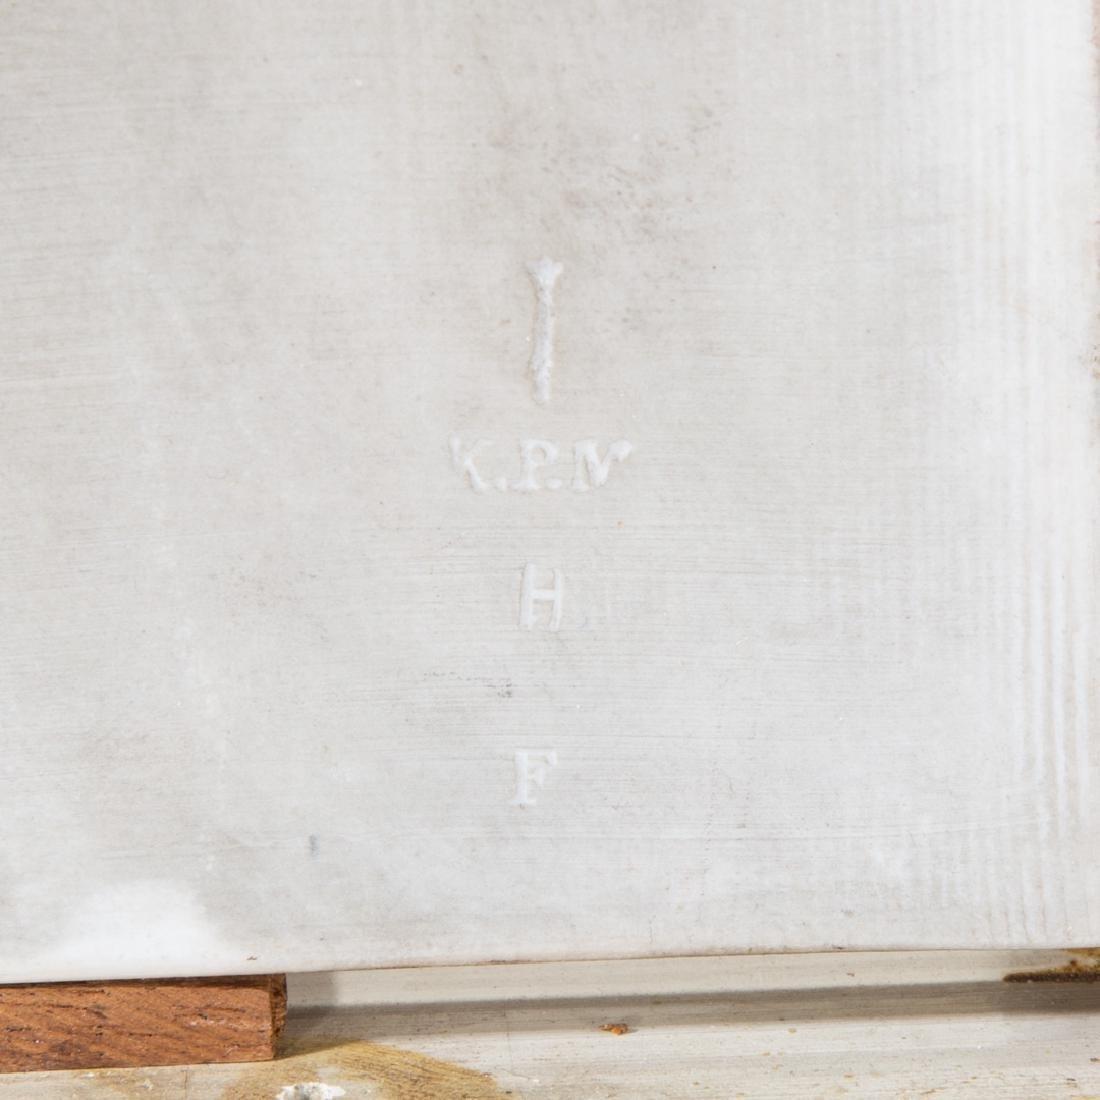 KPM porcelain plaque - 7